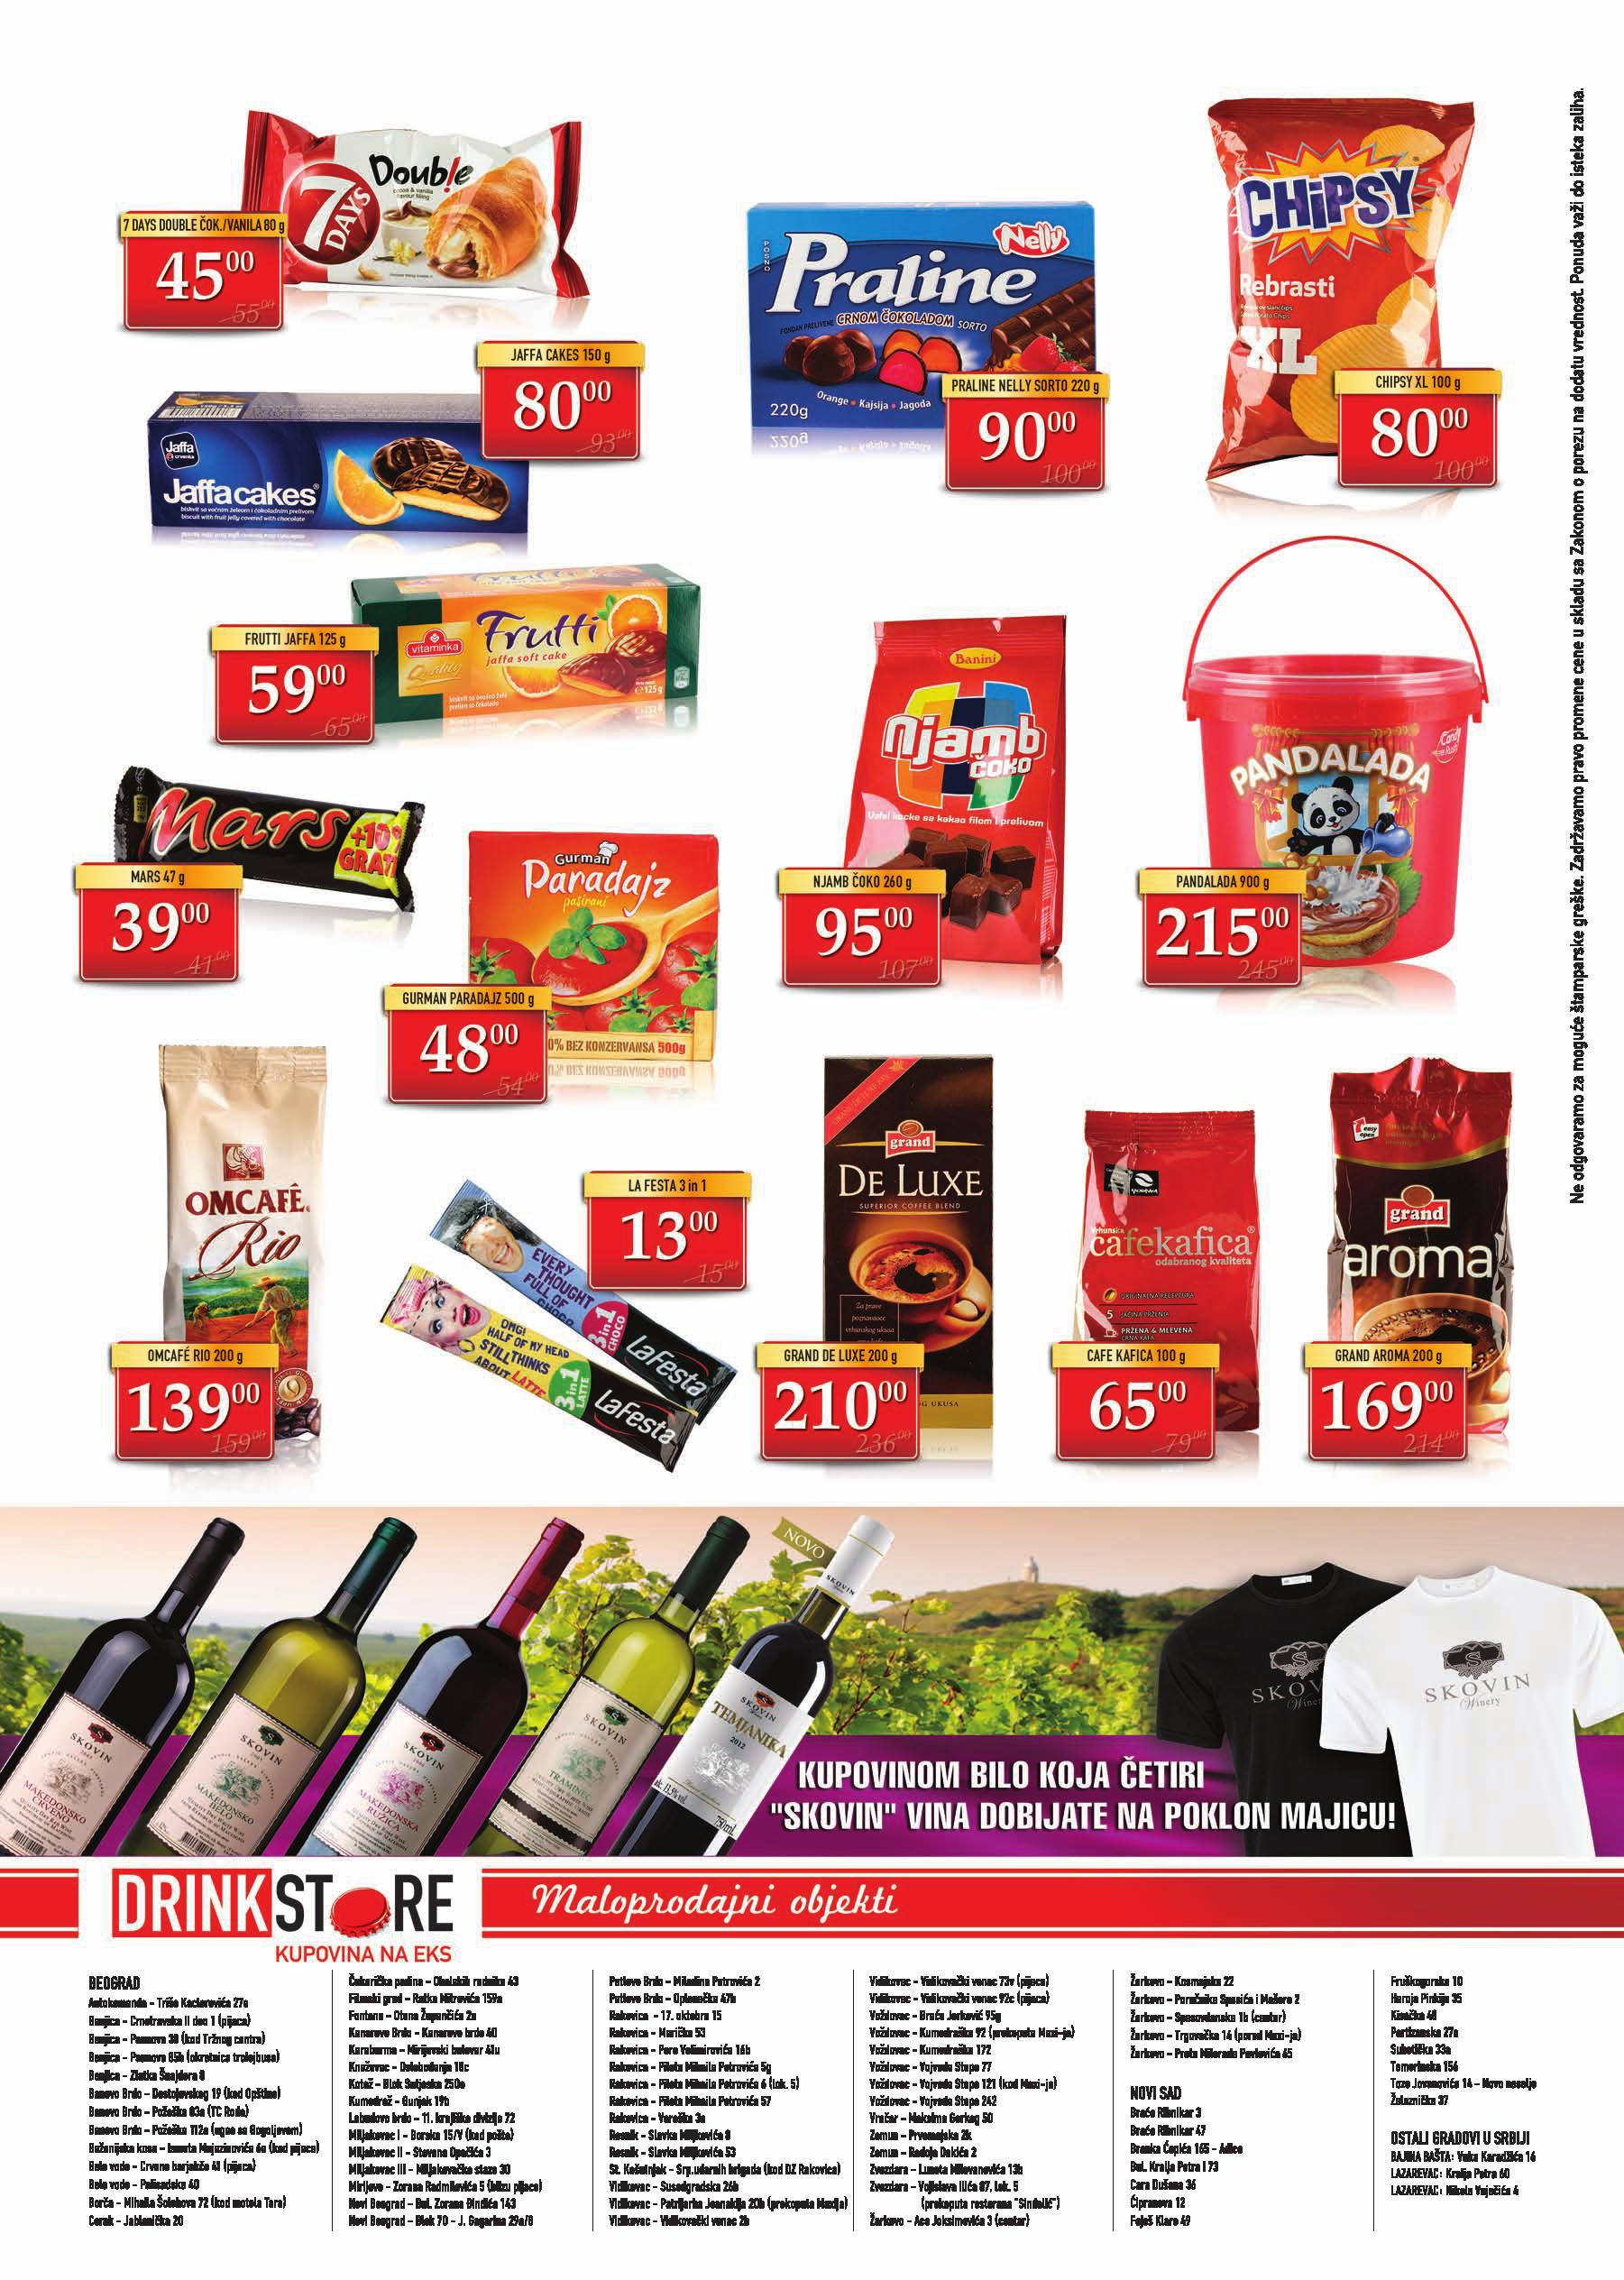 Drink Store katalog super ponuda